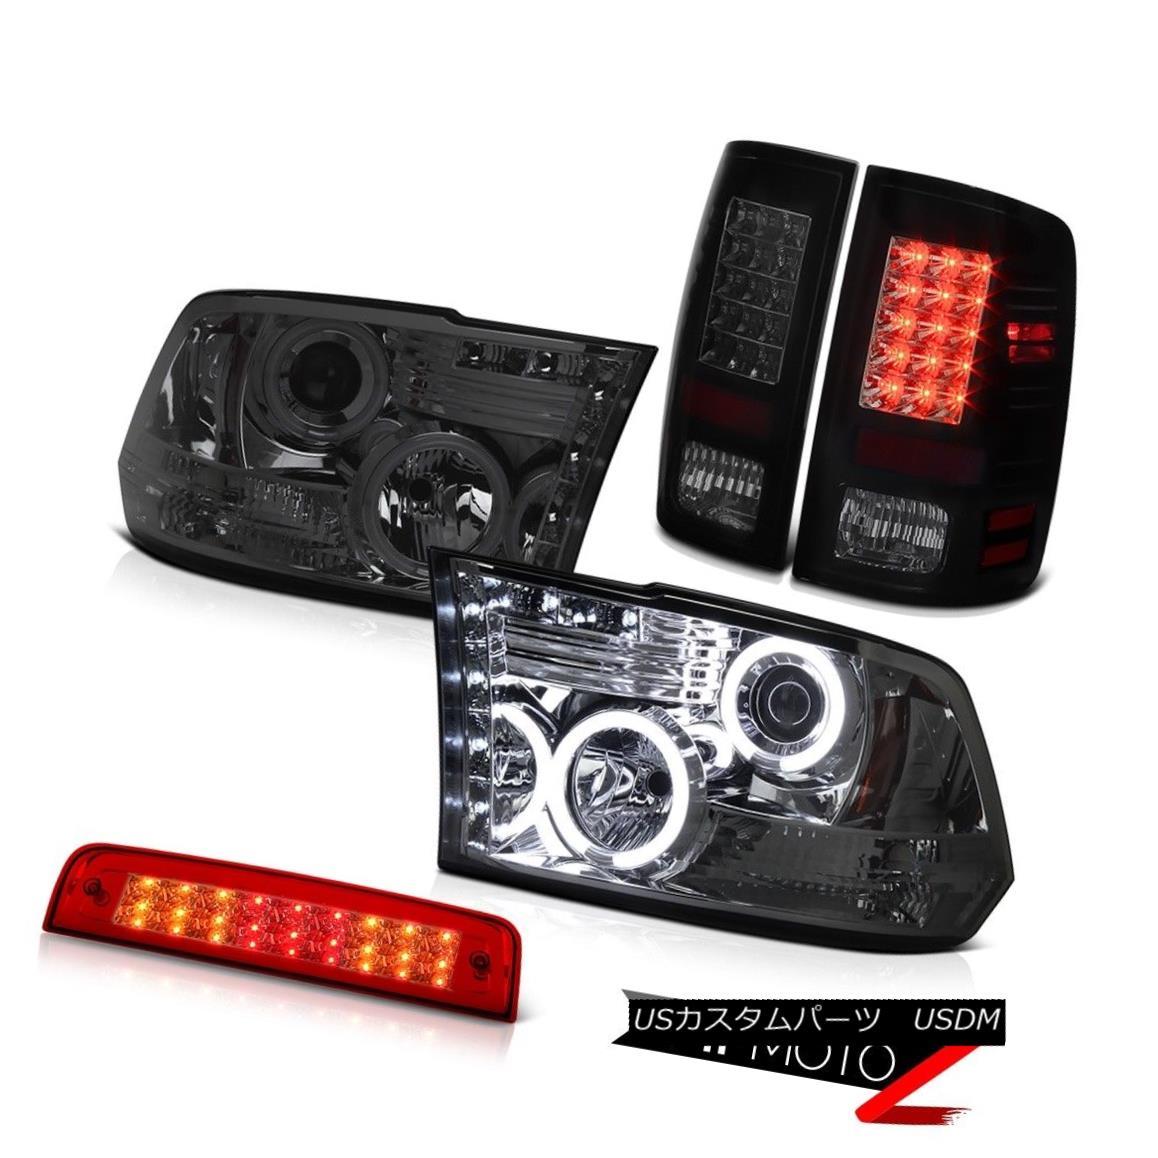 テールライト 2010-2018 Ram 3500 6.4L 3RD Brake Light SiniSTer Black Tail Lights Headlamps SMD 2010-2018ラム3500 6.4L 3RDブレーキライトSiniSTerブラックテールライトヘッドランプSMD